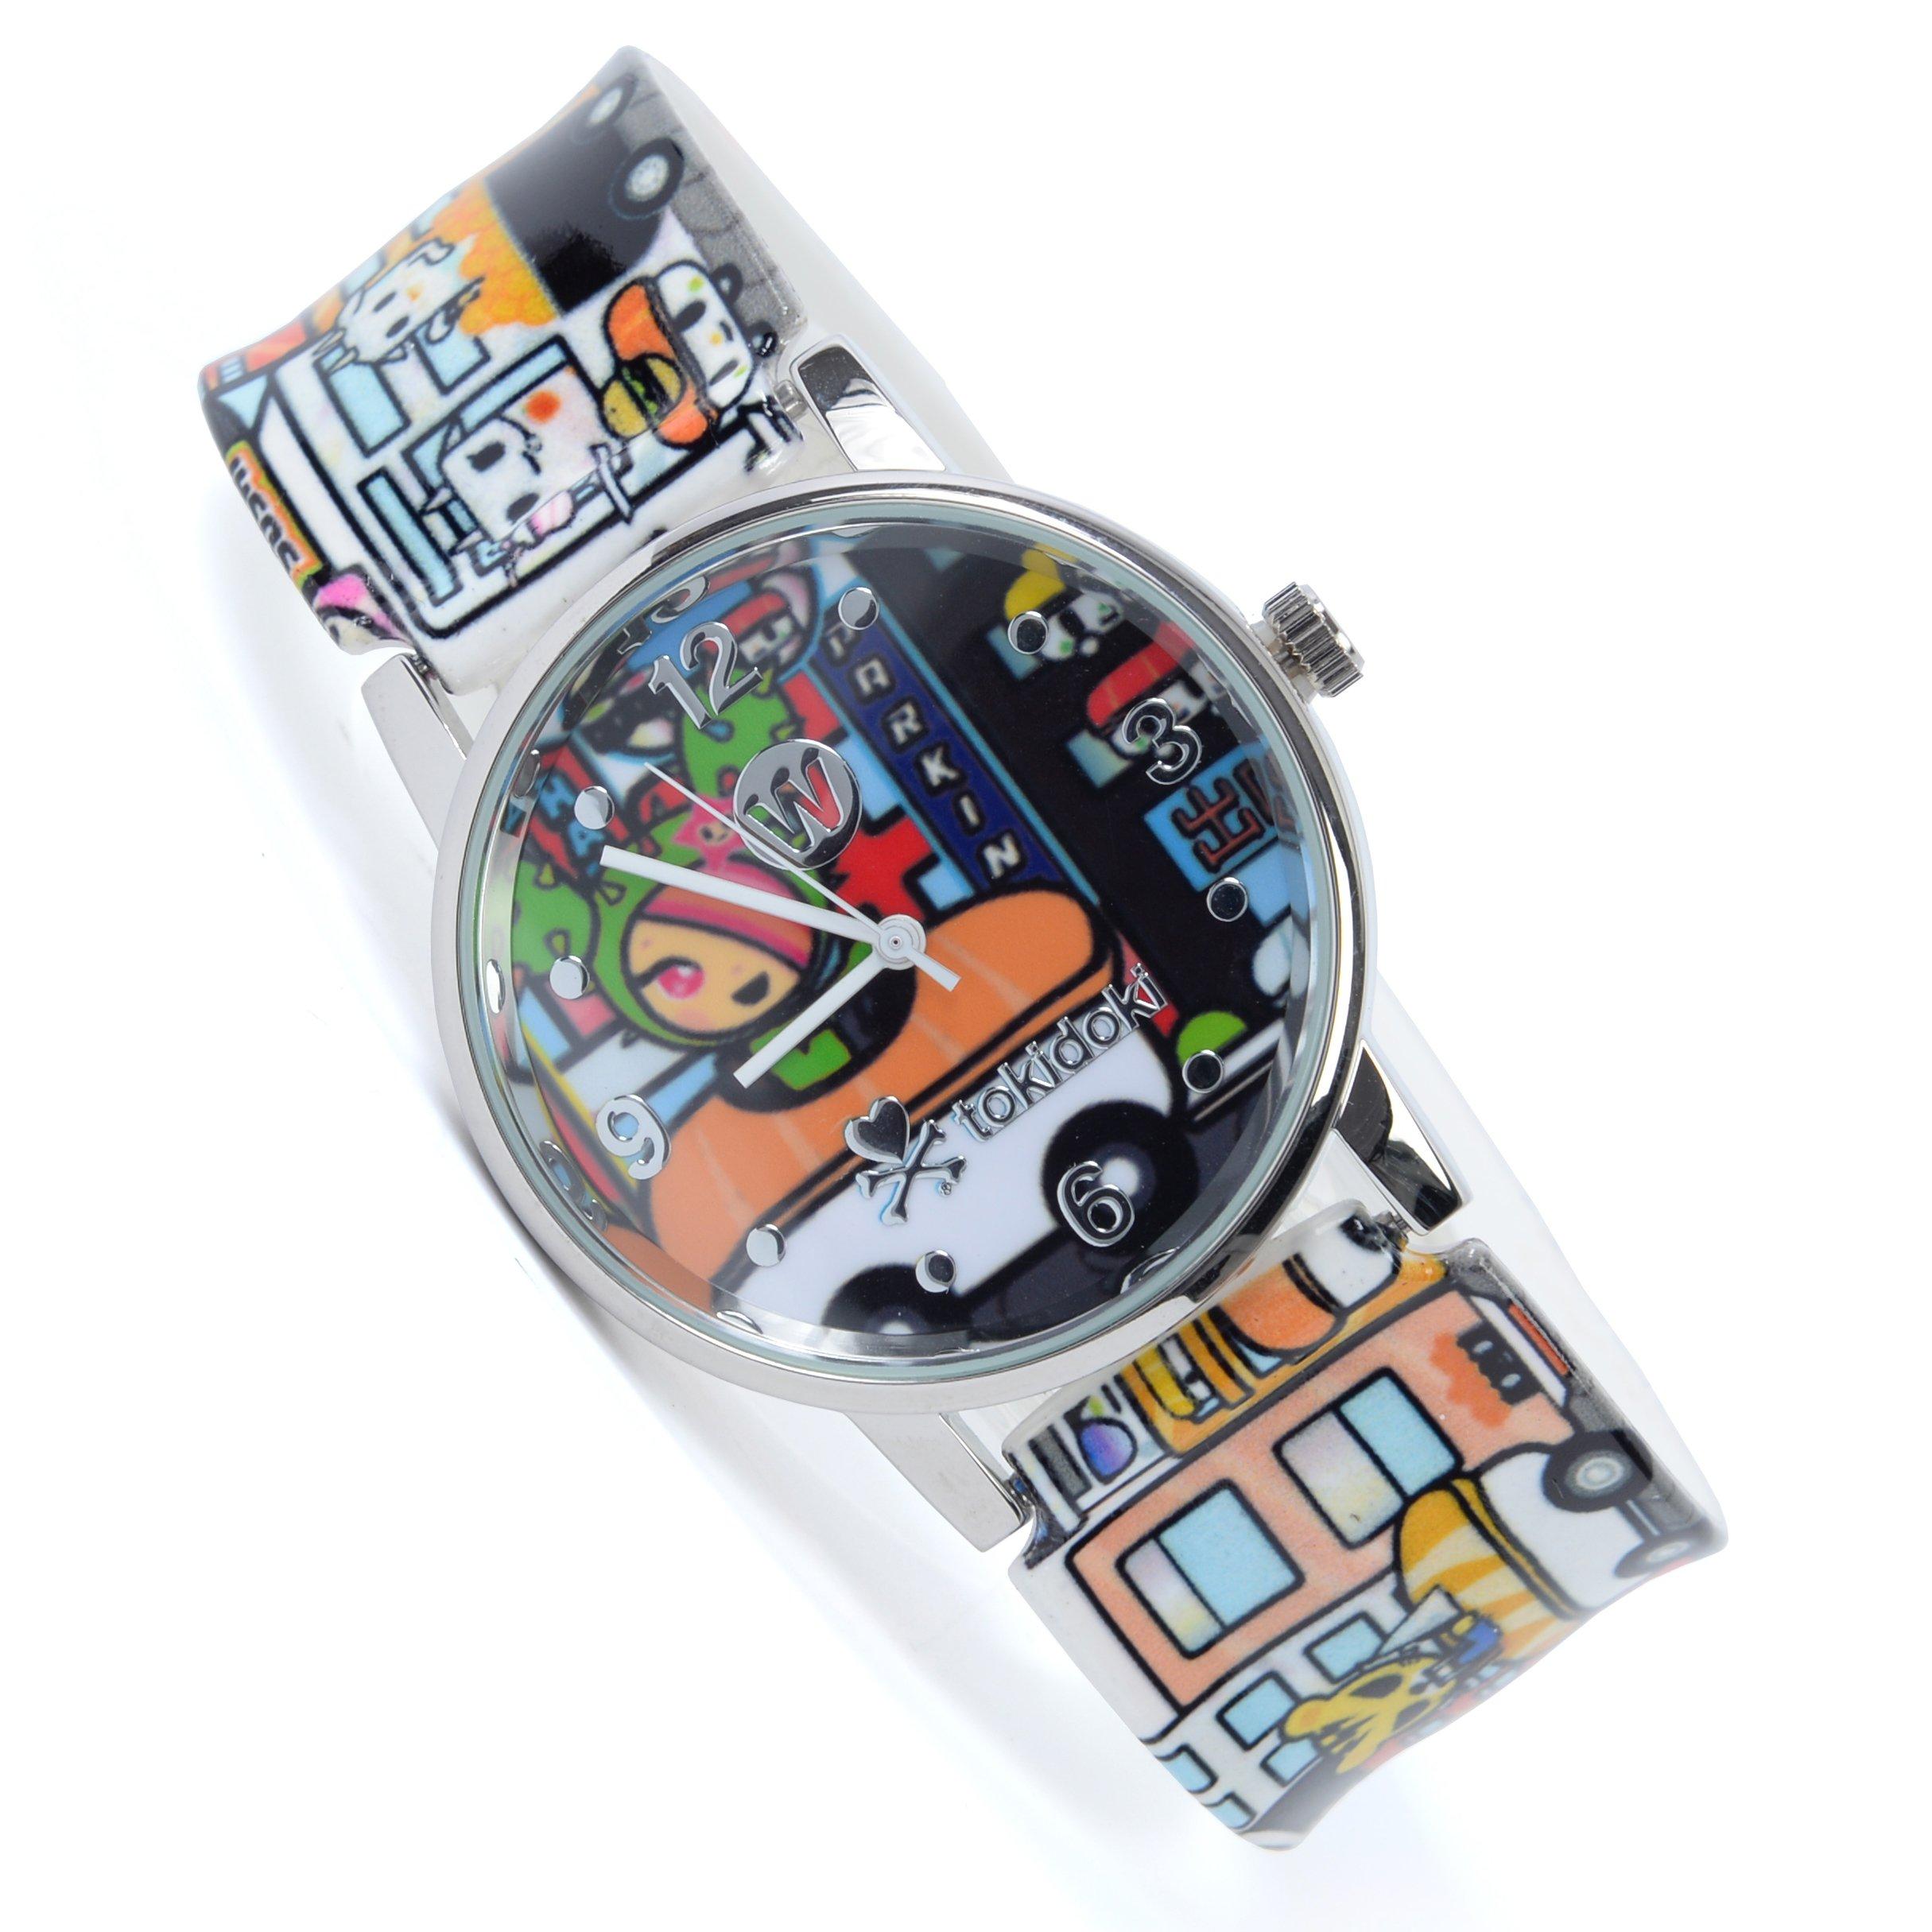 Tokidoki - W Snap Watch (Sushi Cars)